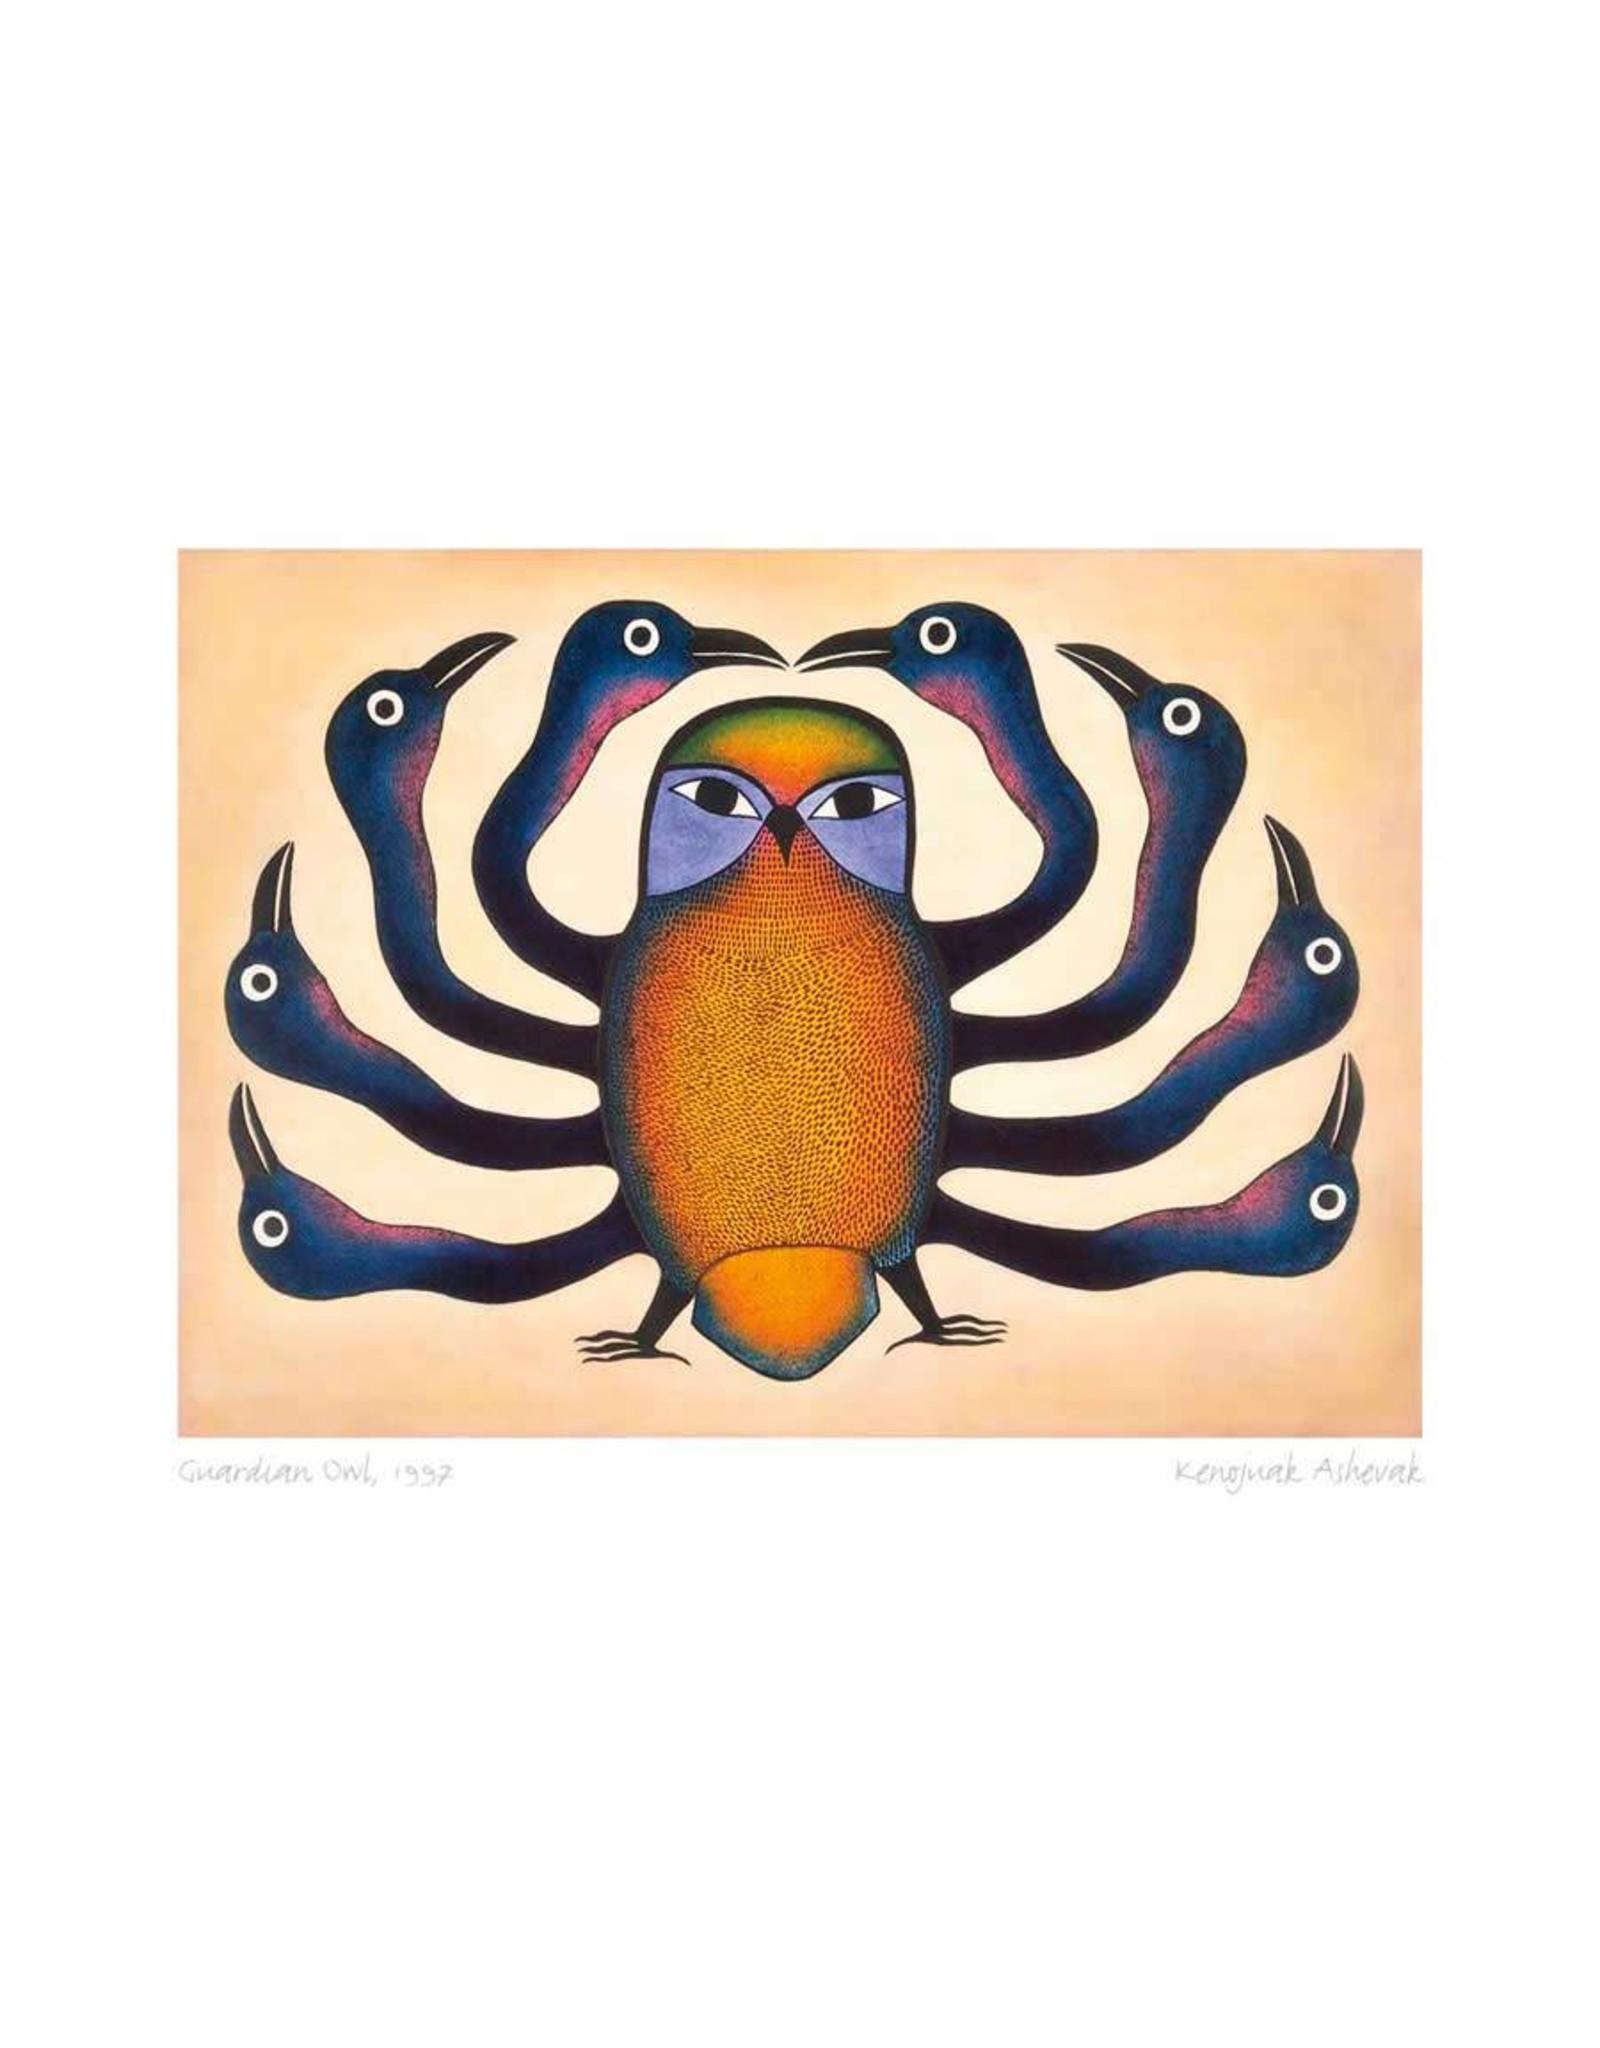 Guardian Owl, 1997 by Kenojuak Ashevak Matted